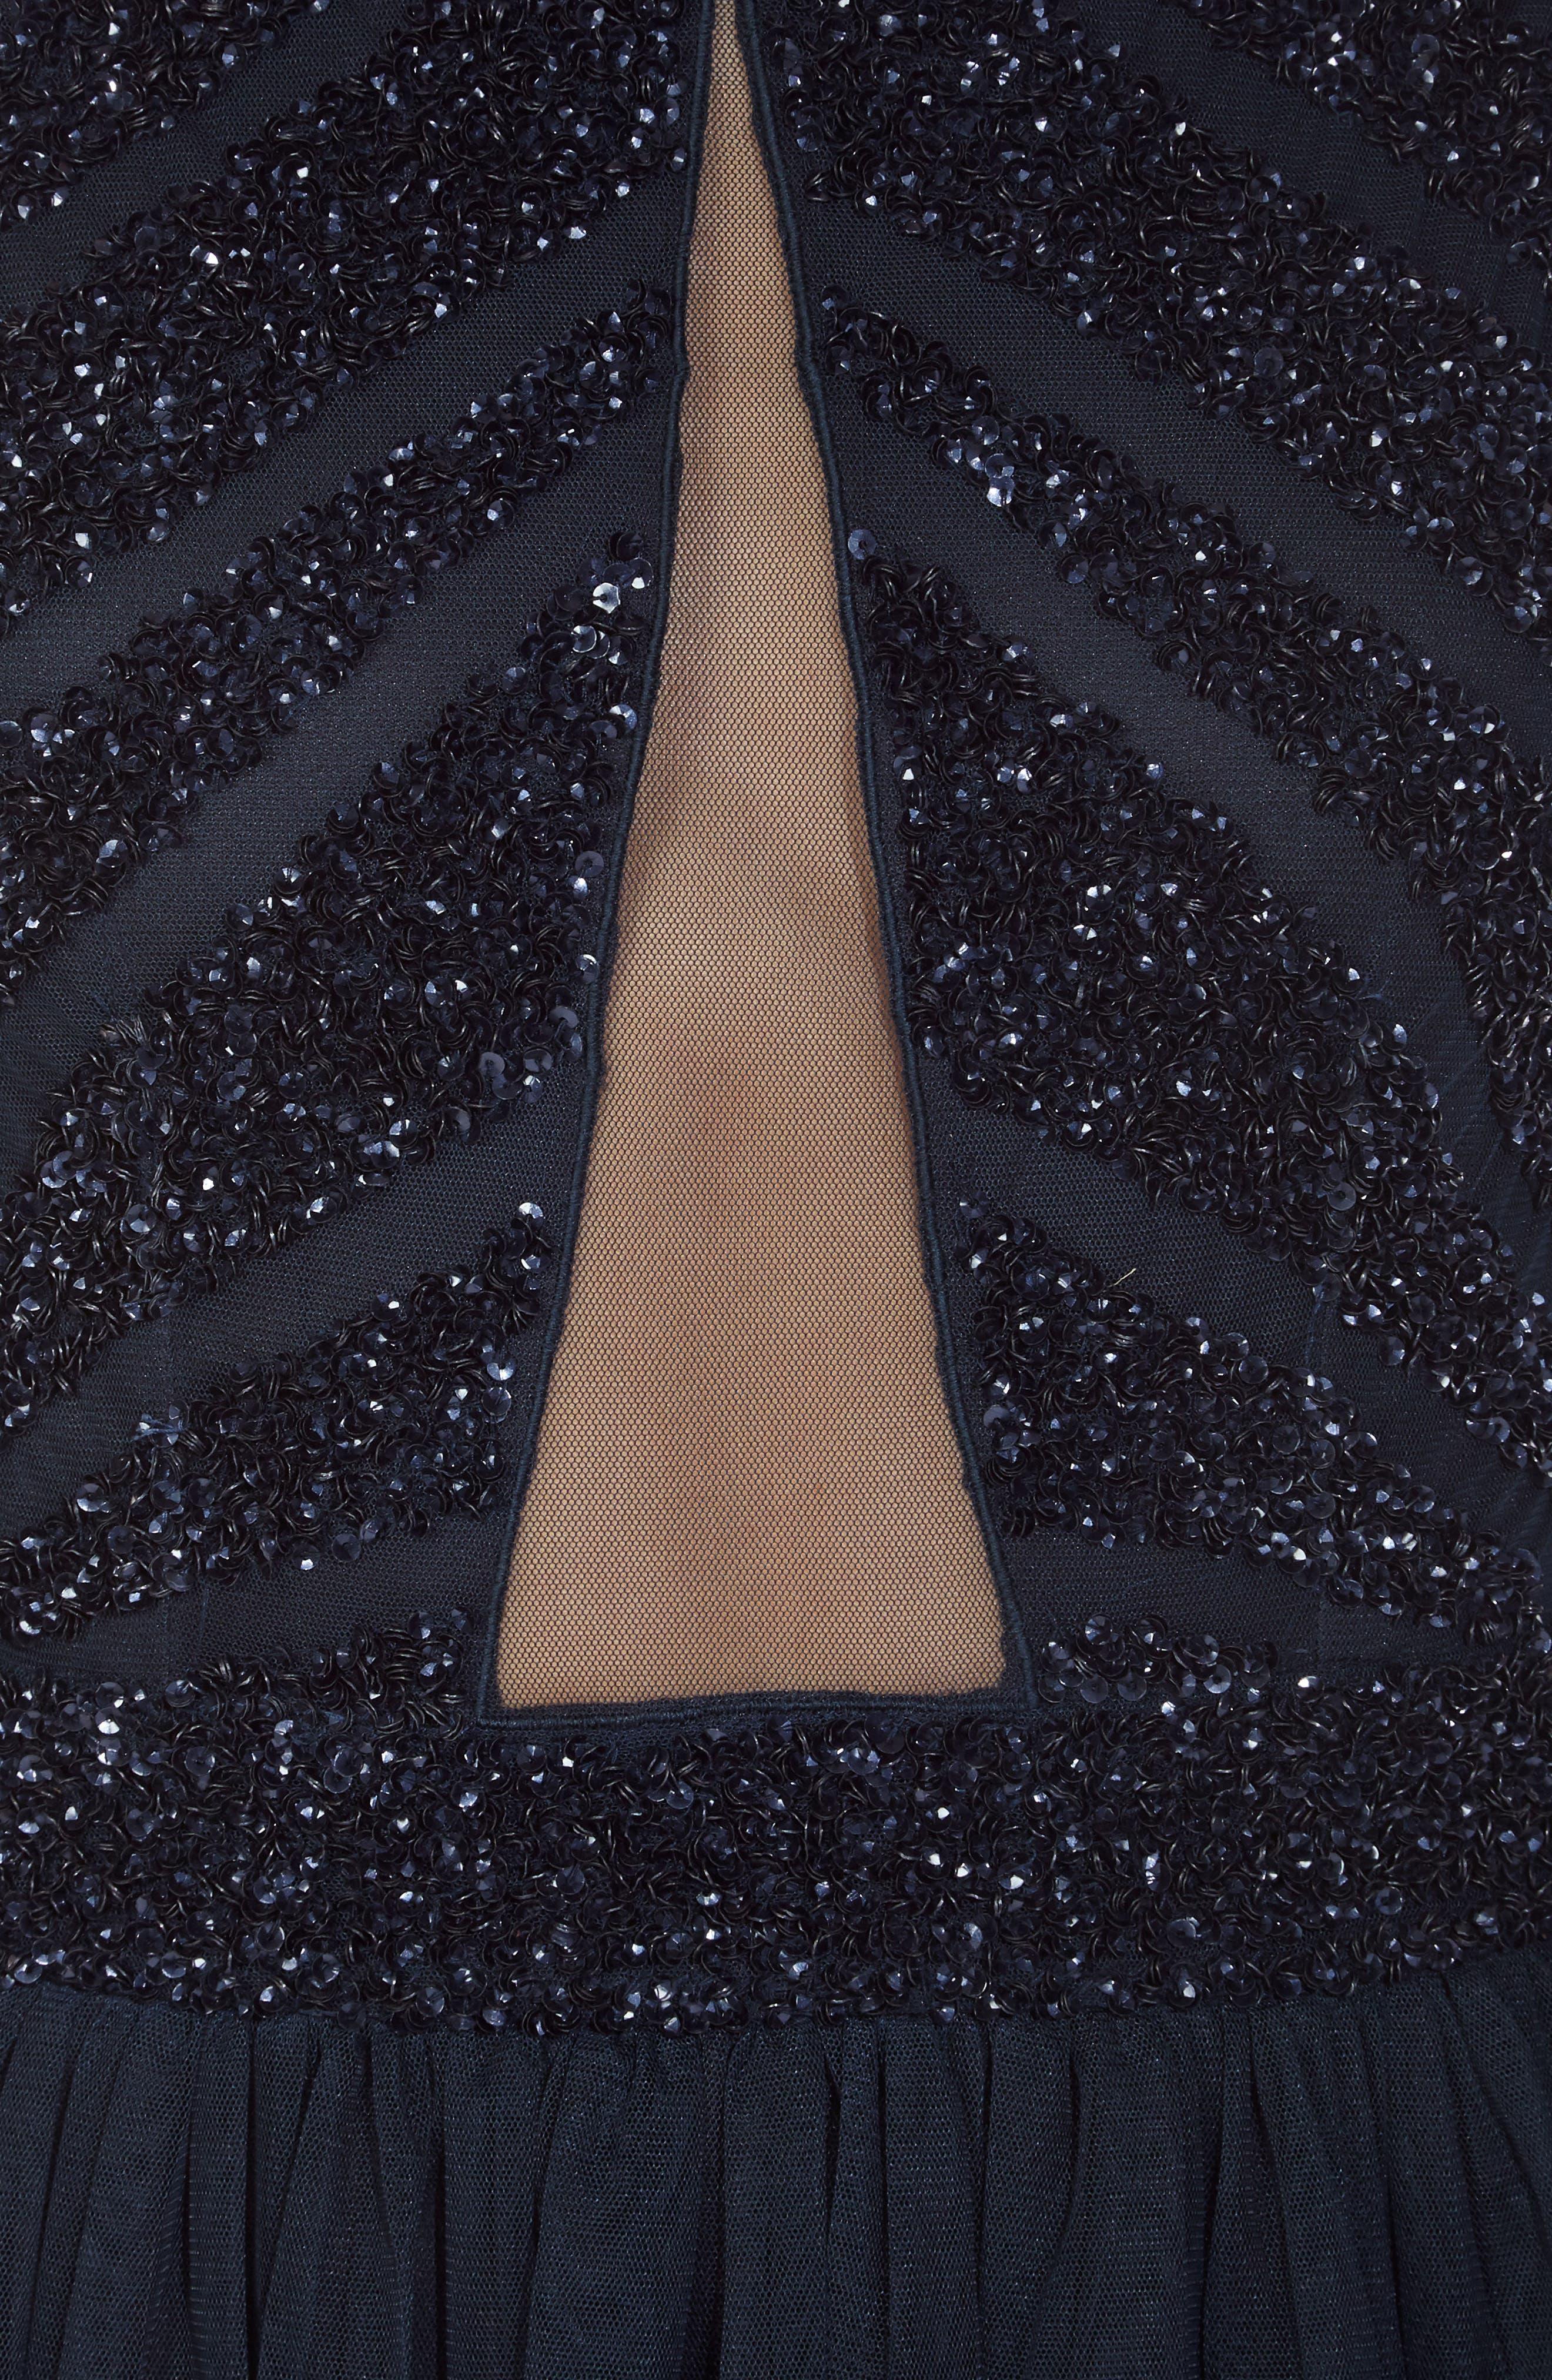 Agatha Embellished Skater Dress,                             Alternate thumbnail 4, color,                             410